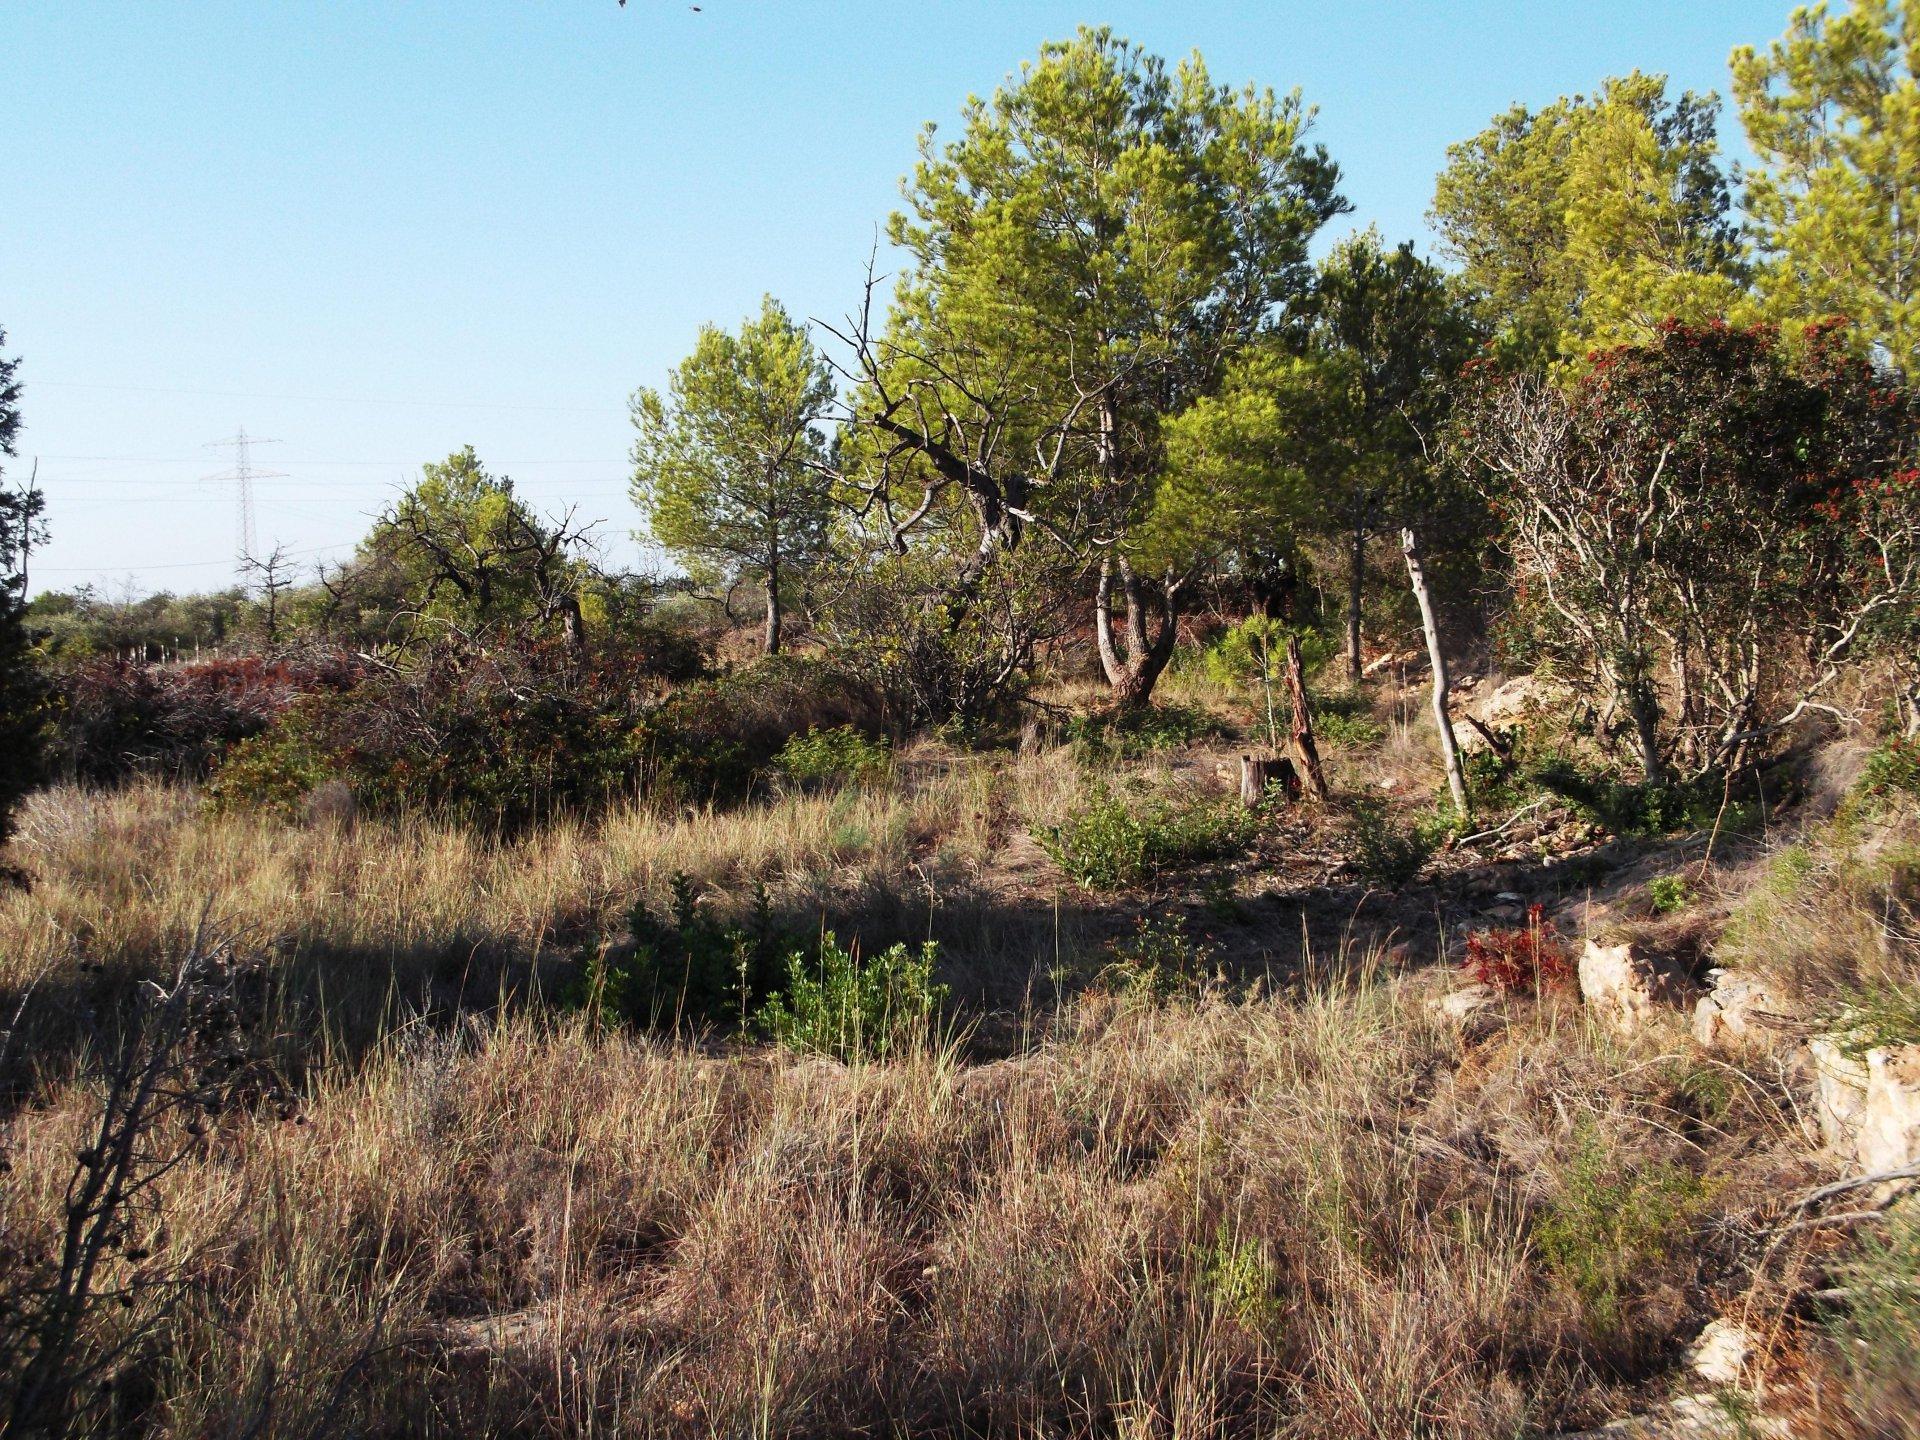 Terrain emplacement pour camping car